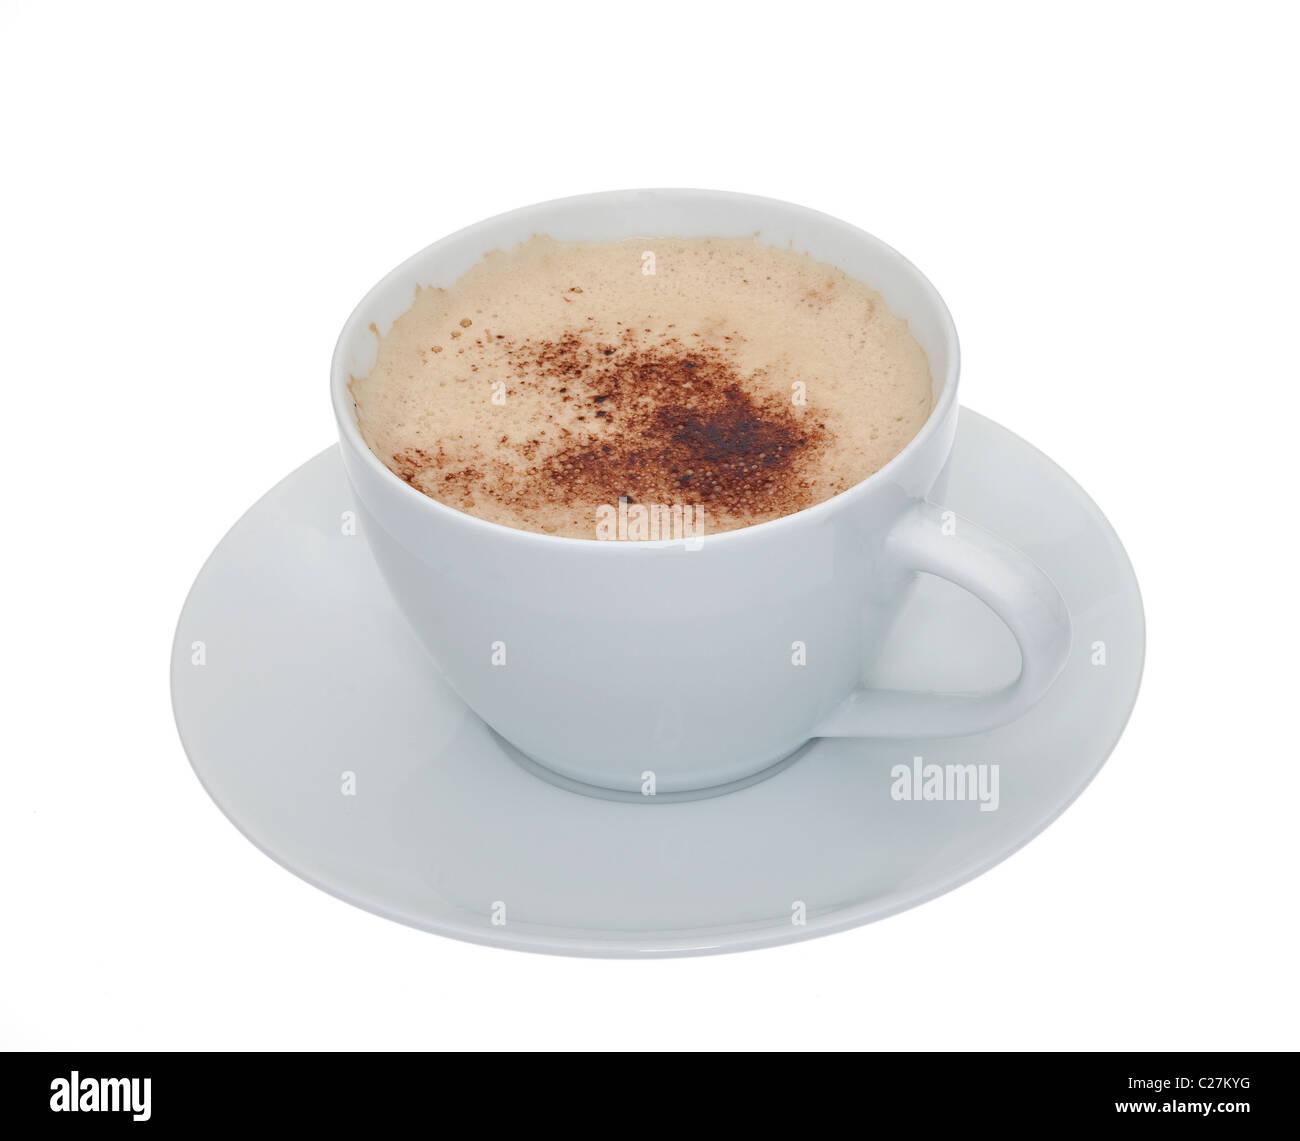 Una tazza di caffè schiumato in una tazza bianca con piattino isolata contro uno sfondo bianco Immagini Stock